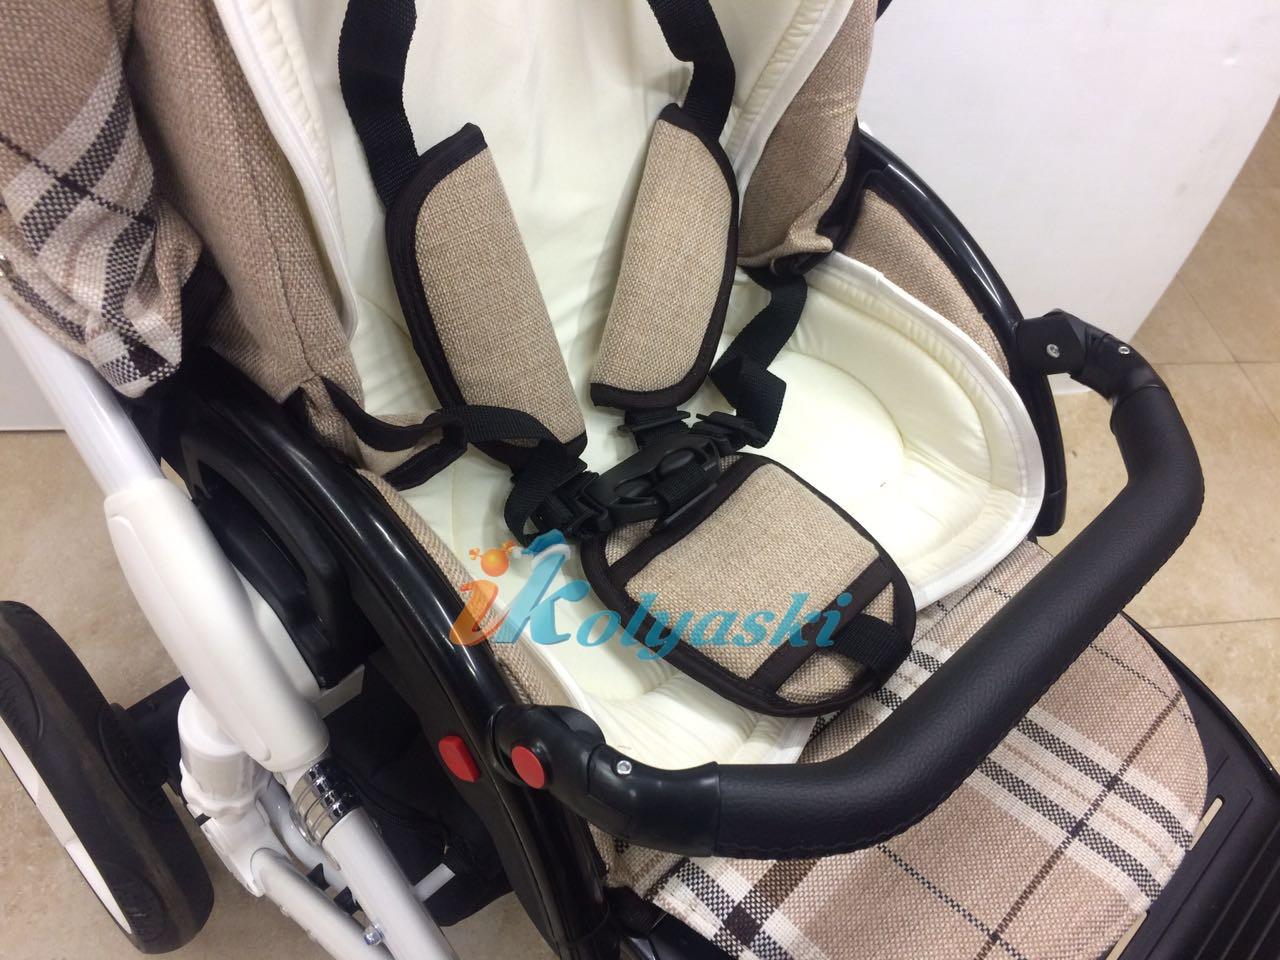 Little Trek Avenir фирменная, оригинальная, Детская спальная коляска для новорожденных два в одном 2 в 1 Литтл Трек Авенир. Бампер на прогулочном блоке фиксируется, снимается и регулируется, 7 положений по высоте